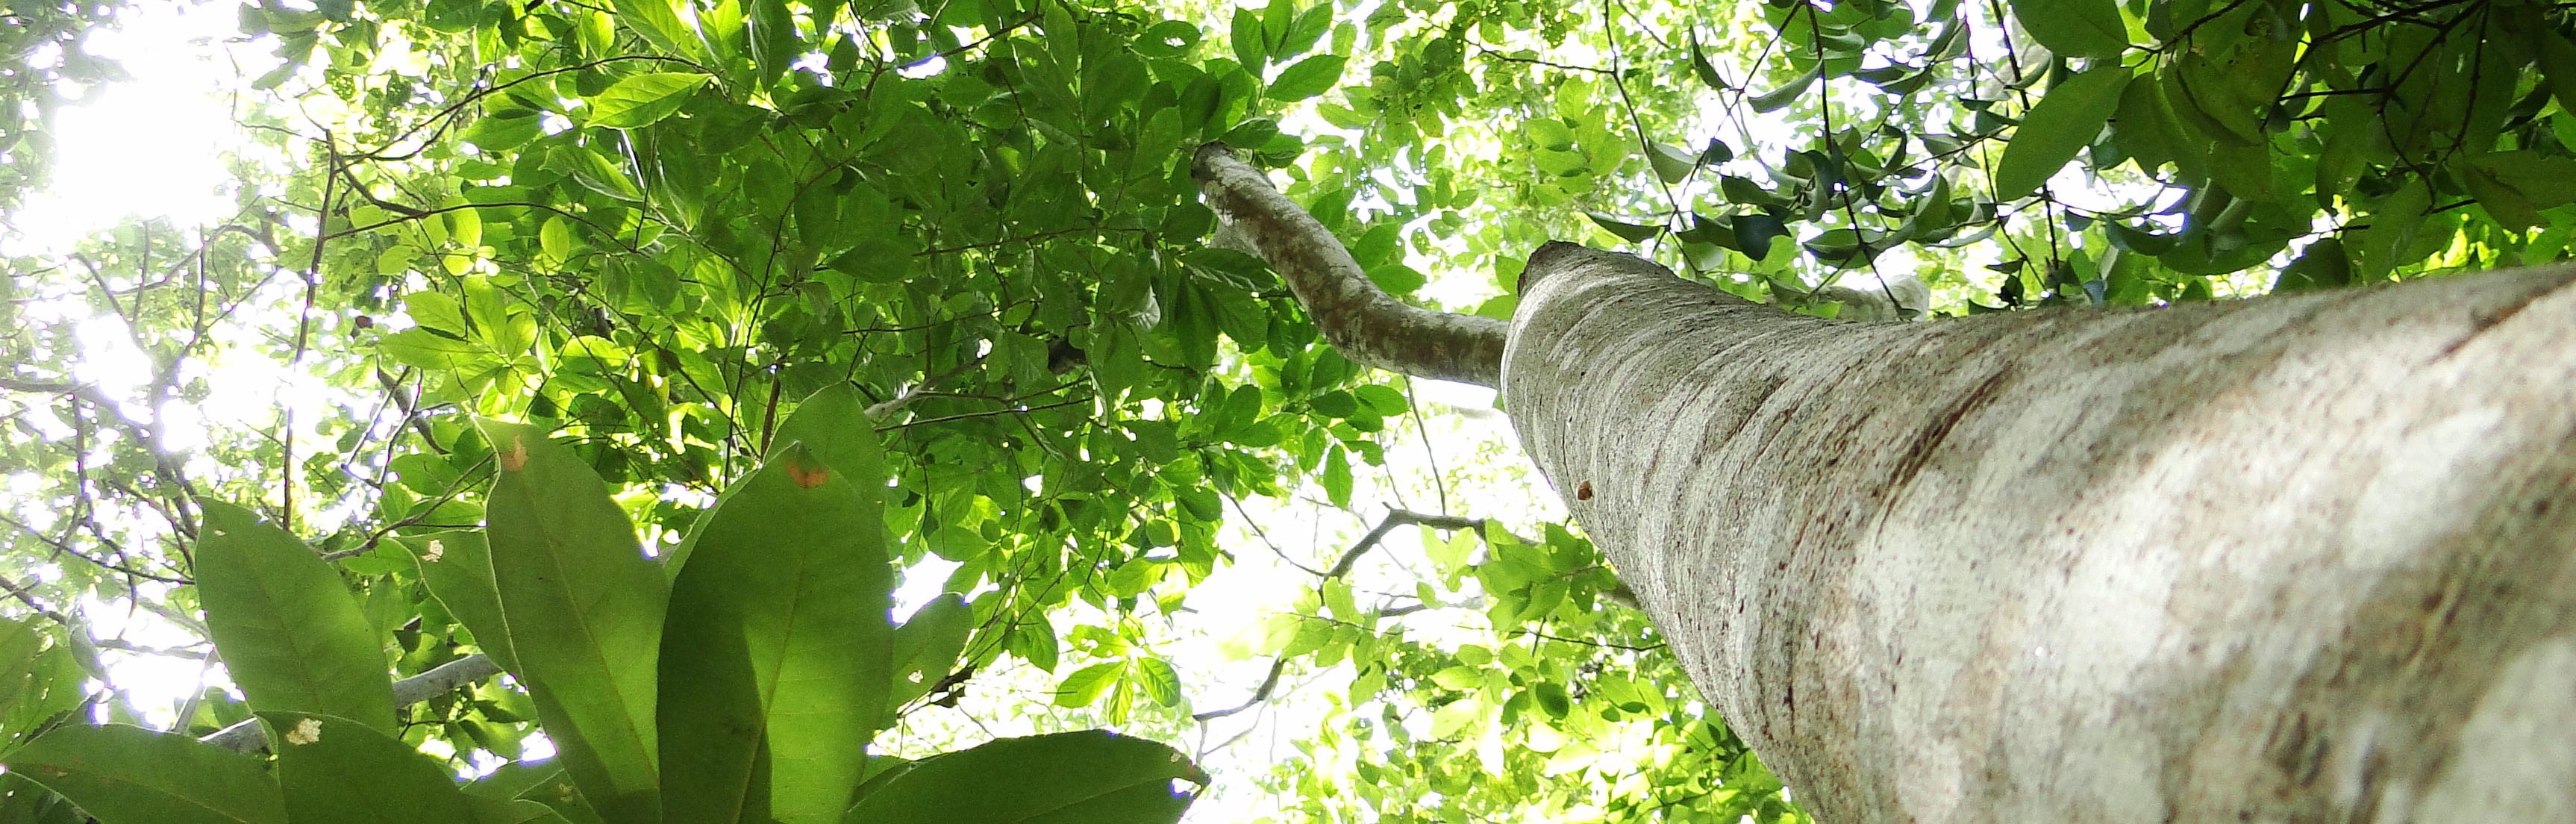 Árvore em floresta tropical